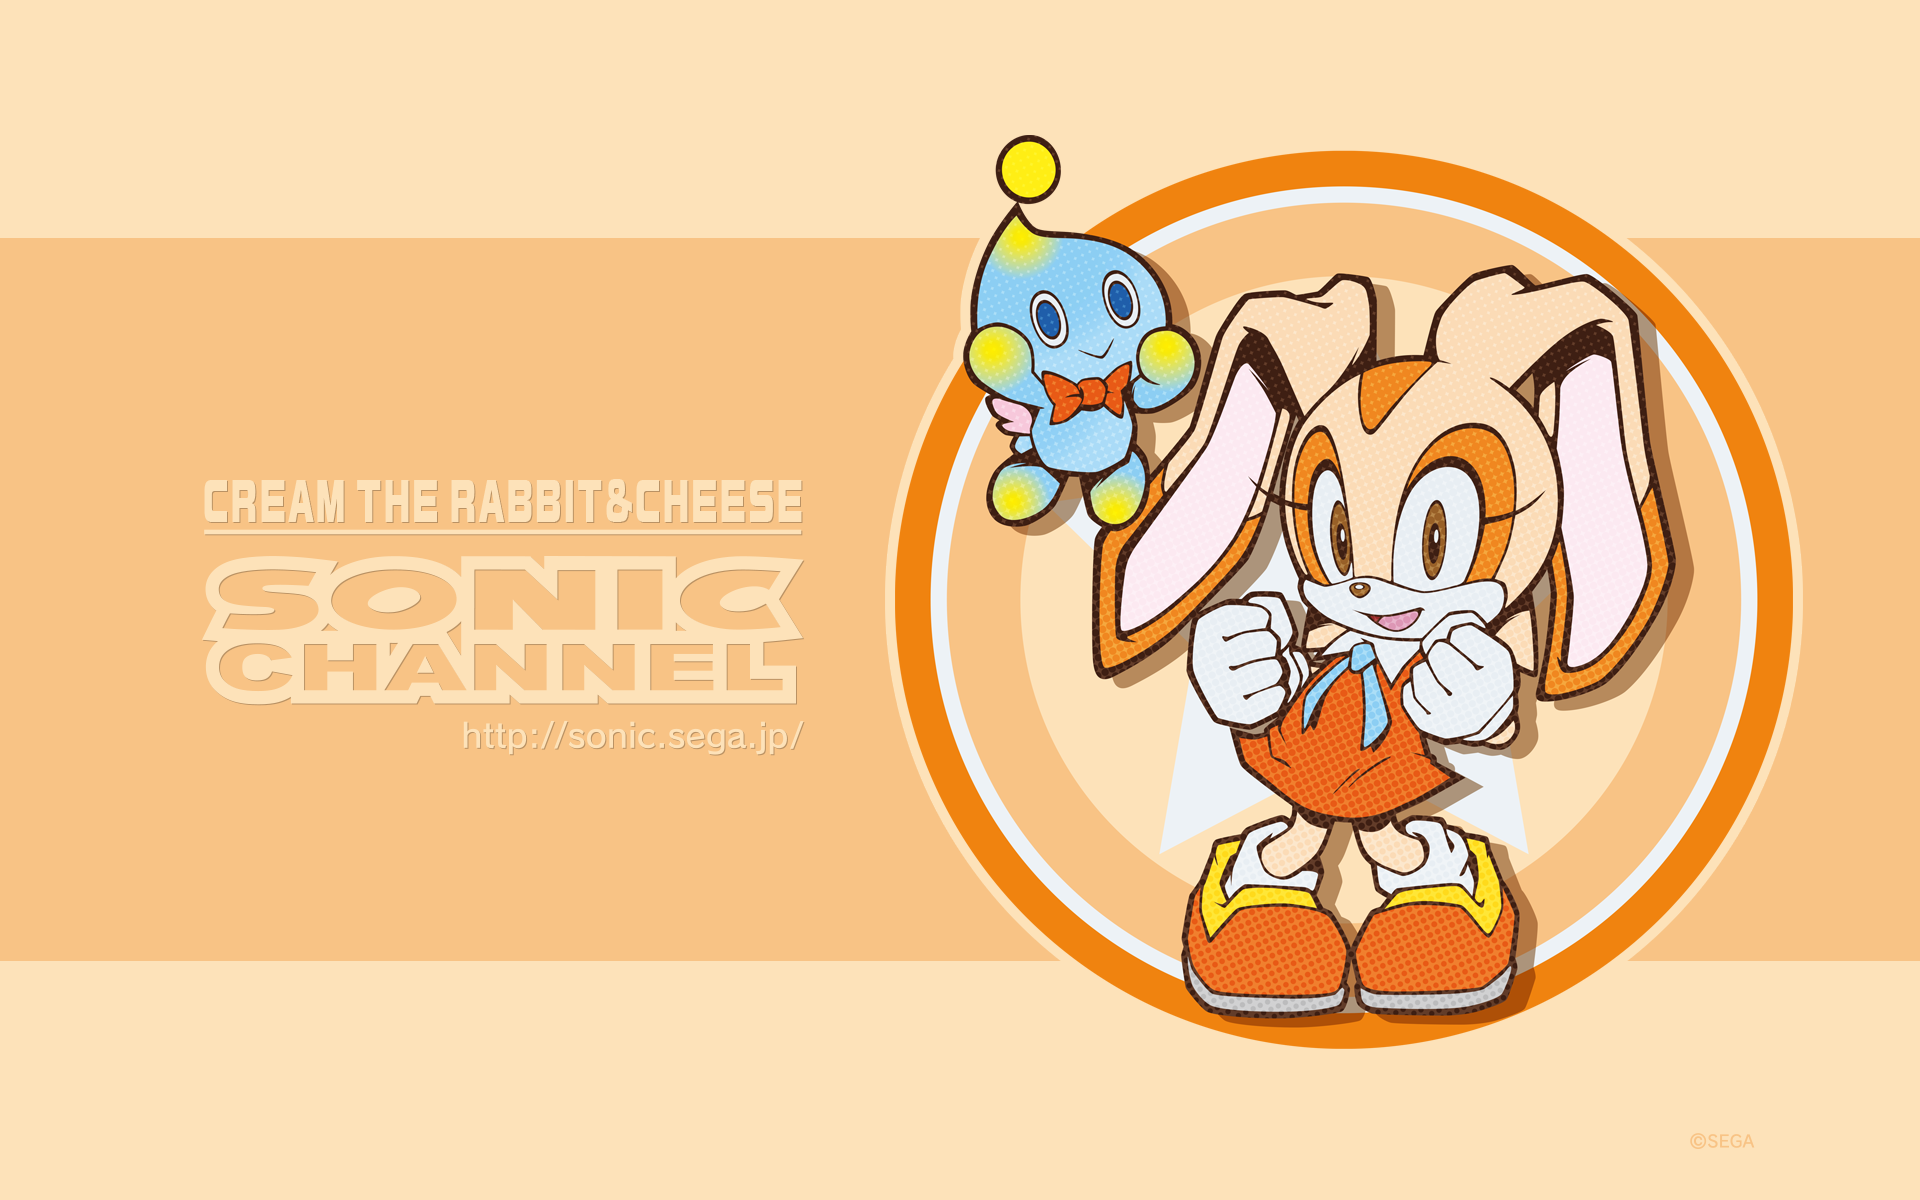 http://sonic.sega.jp/SonicChannel/enjoy/image/wallpaper_160_cream_10_pc.png